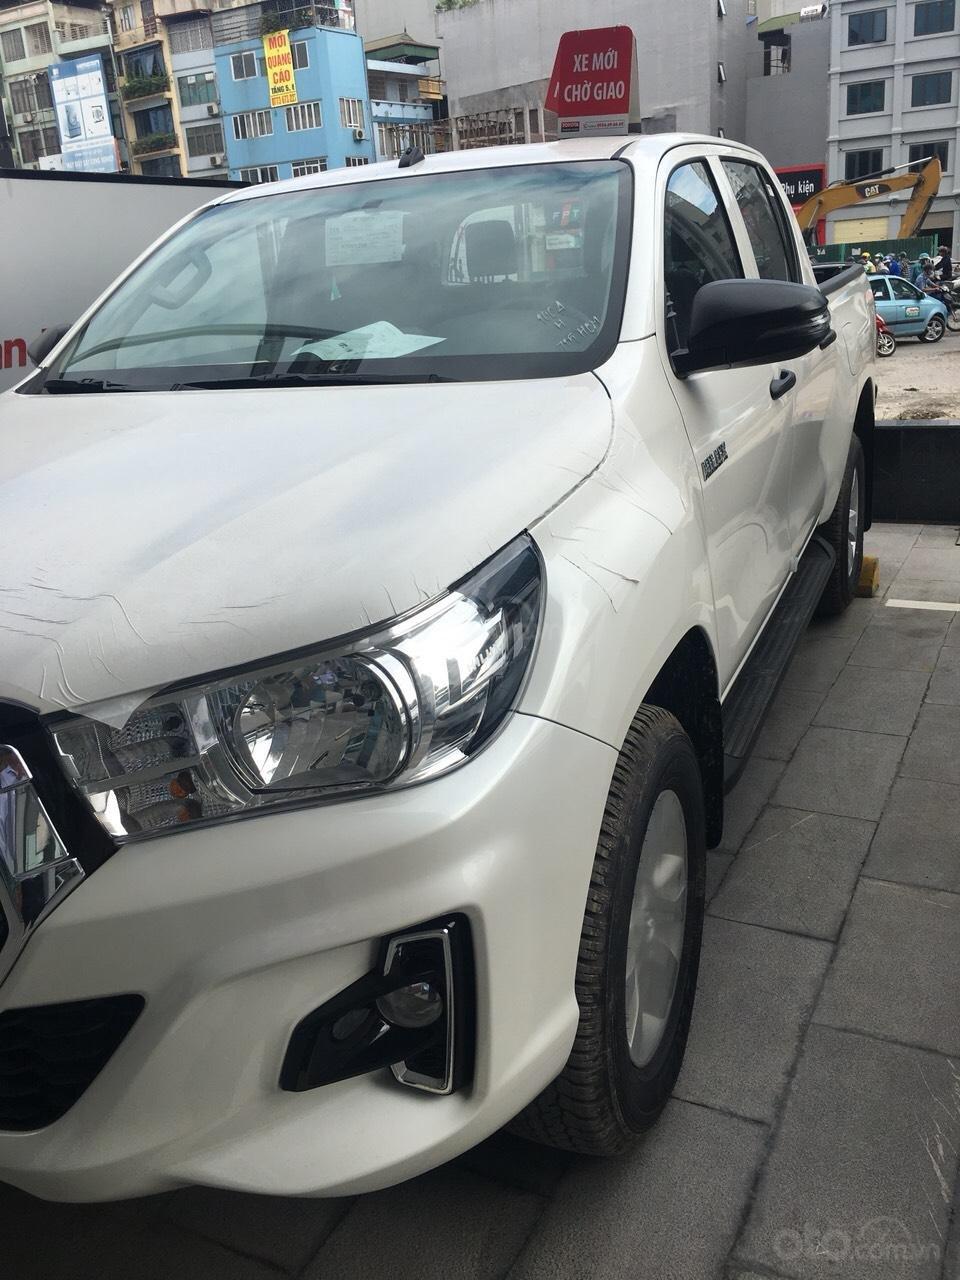 Mua bán Toyota Hilux giá rẻ nhất, giảm ngay tiền mặt, tặng phụ kiện, hỗ trợ trả góp 80%, LH: 0945 446 186 (2)